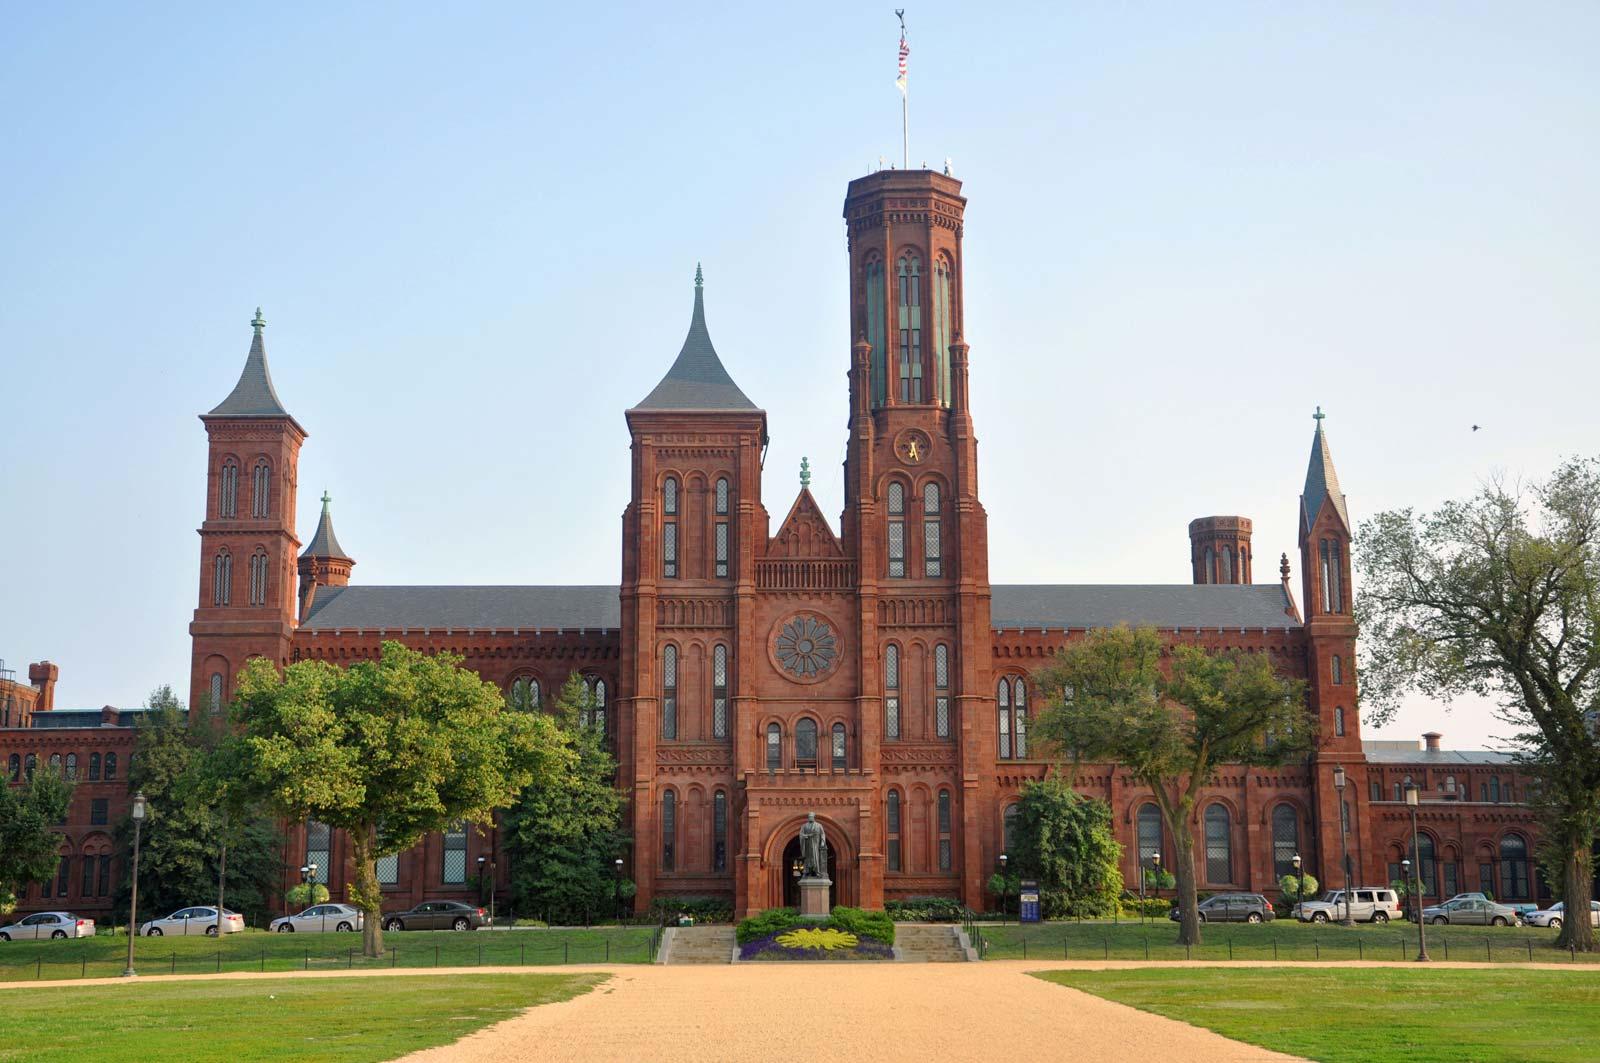 Storie del 2020 per una capsula del tempo: il progetto dello Smithsonian di Washington